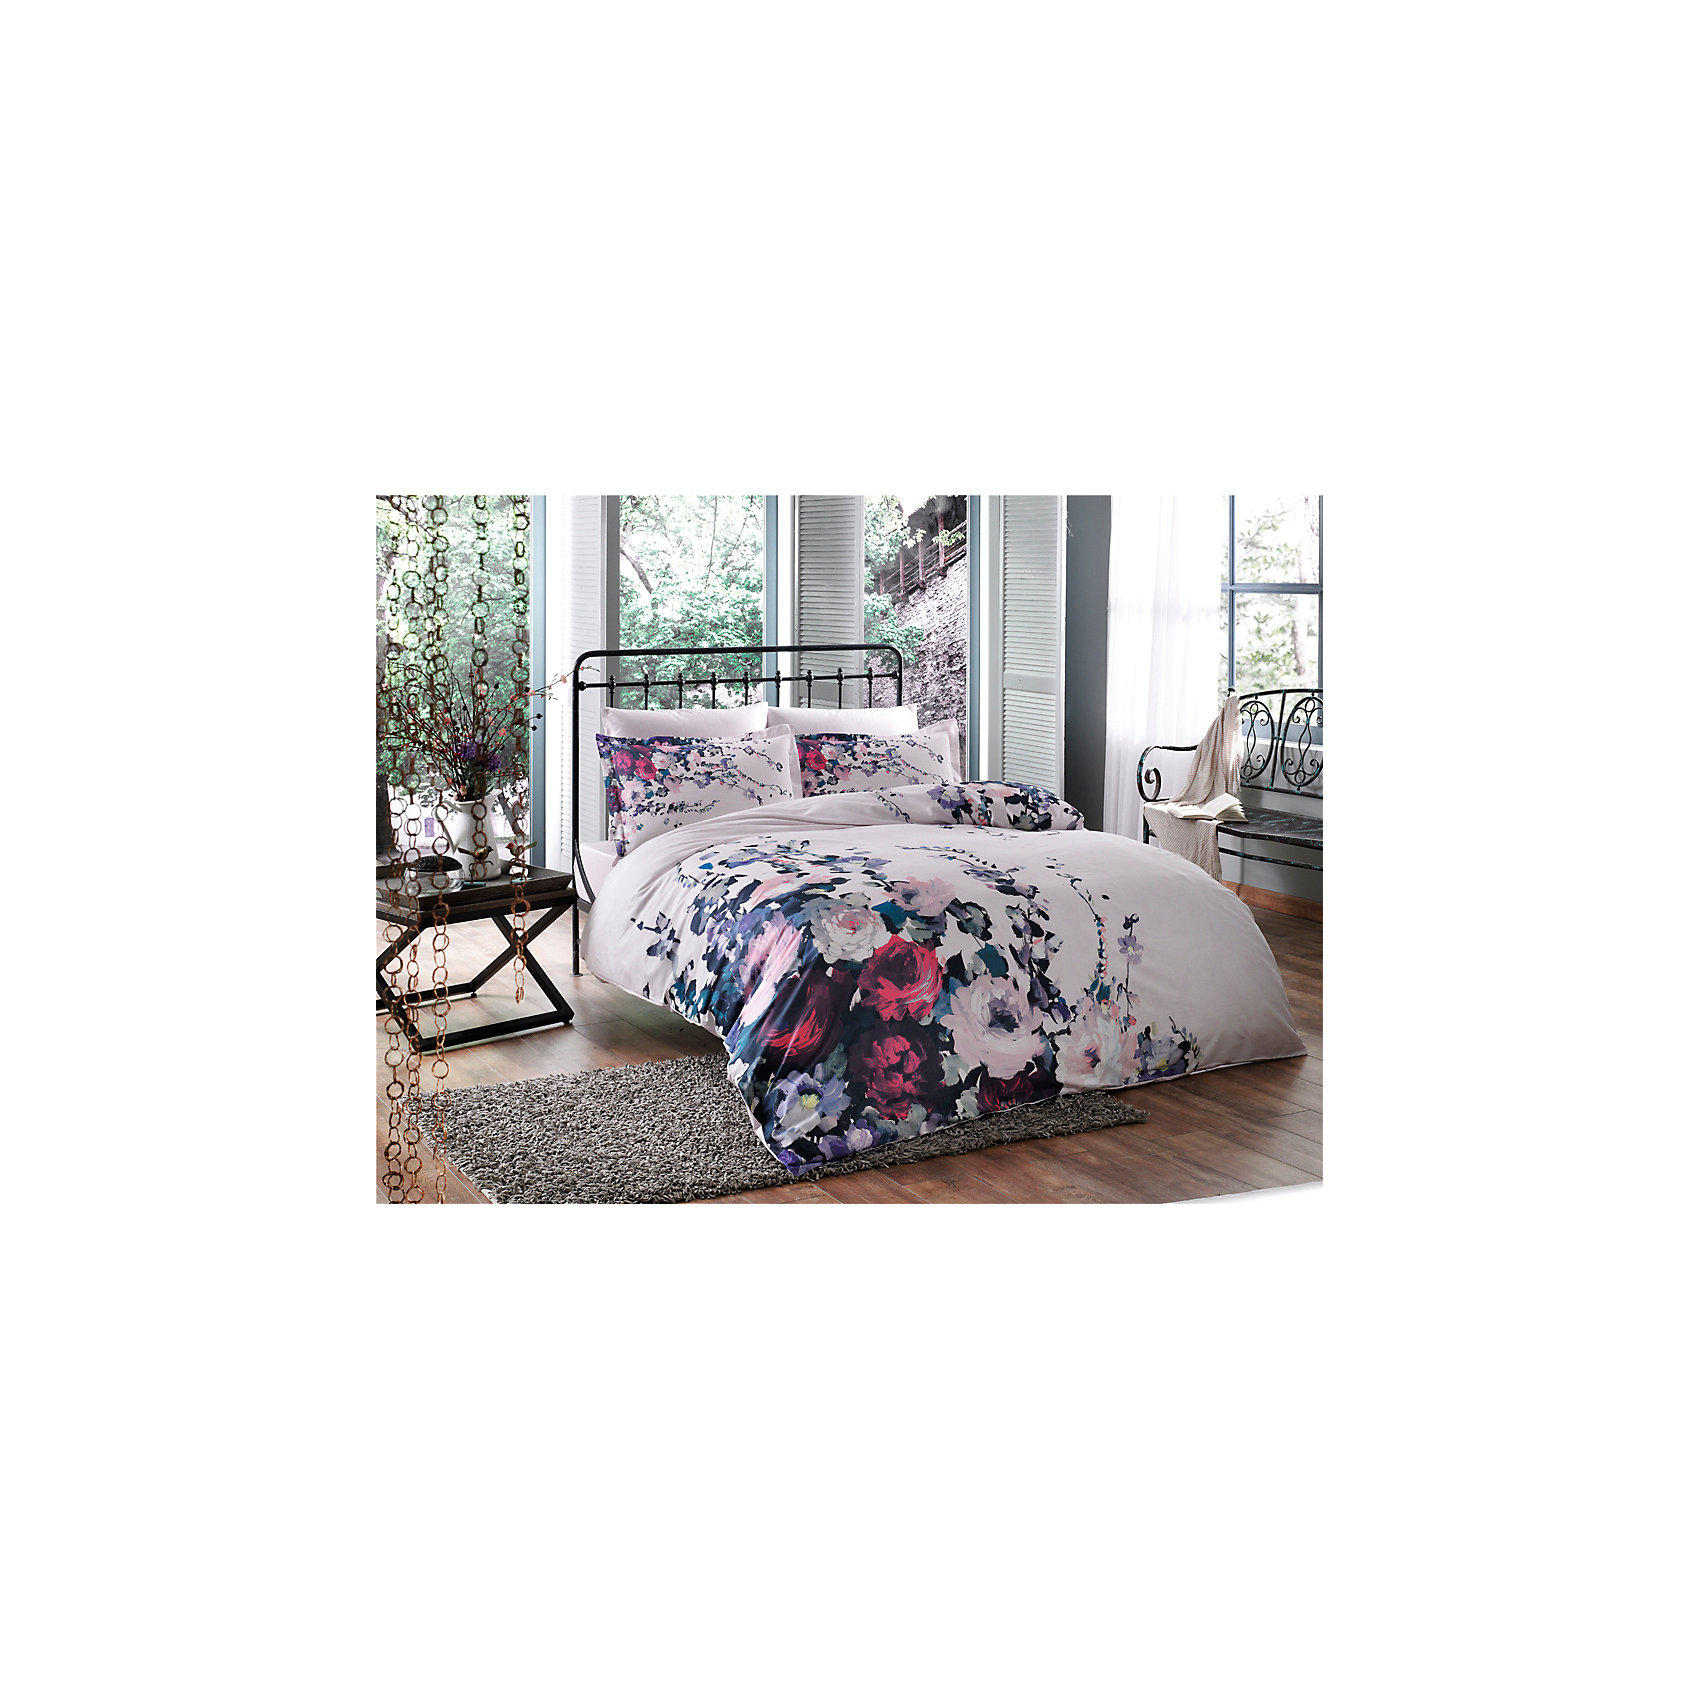 Постельное белье 1,5сп. Veronica, сатин, TAC, лиловыйДомашний текстиль<br>Характеристики:<br><br>• Вид домашнего текстиля: постельное белье<br>• Тип постельного белья по размерам: 1,5 спальное<br>• Рисунок: цветы<br>• Сезон: круглый год<br>• Материал: сатин, 100% хлопок <br>• Цвет: лиловый, розовый, красный<br>• Комплектация: <br> пододеяльник – 1 шт. 160*220 см <br> простынь – 1 шт. 180*260 см<br> наволочки – 1 шт. 50*70 см<br>• Вид застежки: пуговицы<br>• Тип упаковки: книжка картонная<br>• Вес в упаковке: 2 кг 200 г<br>• Размеры упаковки (Д*Ш*В): 27*7*37 см<br>• Особенности ухода: машинная стирка <br><br>Постельное белье 1,5 сп. Veronica, сатин, TAC, лиловый от наиболее популярного бренда на отечественном рынке среди производителей комплектов постельного белья и текстильных принадлежностей, выпуском которого занимается производственная компания, являющаяся частью мирового холдинга Zorlu Holding Textiles Group. <br><br>Комплект состоит из 3-х предметов и включает в себя: пододеяльник, простынь и наволочку. Все изделия выполнены из хлопкового сатина, который характеризуется высокими износоустойчивыми качествами, не теряет формы и цвета при длительном использовании, после стирки изделия полностью расправляются и сохраняют ровность полотна, поэтому они не нуждаются в глажке. Специальным образом скрученная нить, из которой изготовлено сатиновое полотно, обеспечивает характерный блеск и защиту от образования катышков. <br><br>Обладает повышенными гигроскопичными качествами, благодаря чему оно комфортно для использования в любое время года. Постельное белье выполнено в стильном дизайне: принт из крупных цветов на светло лиловом фоне придают комплекту особое очарование и романтический шик. <br>Постельное белье 1,5 сп. Veronica, сатин, TAC, лиловый станет прекрасным решением для тех, кто ценит качество, стиль и долговечность!<br><br>Постельное белье 1,5 сп. Veronica, сатин, TAC, лиловый можно купить в нашем интернет-магазине.<br><br>Ширина мм: 270<br>Глубина мм: 70<br>Выс